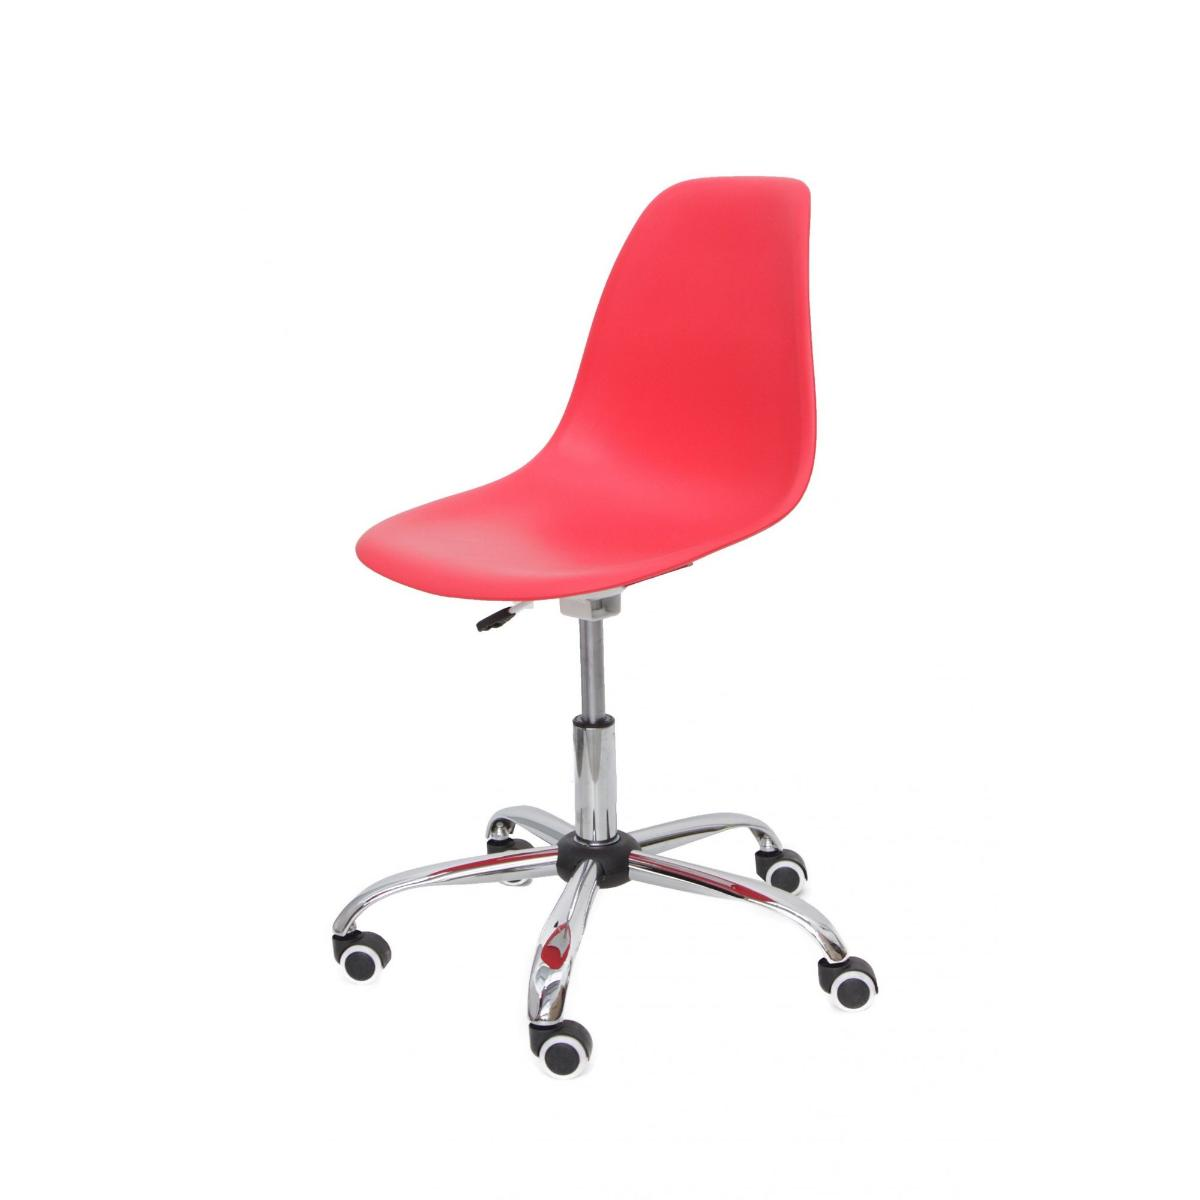 Cadeira Eiffel Office Eames Vermelha Base Cromada Giratória